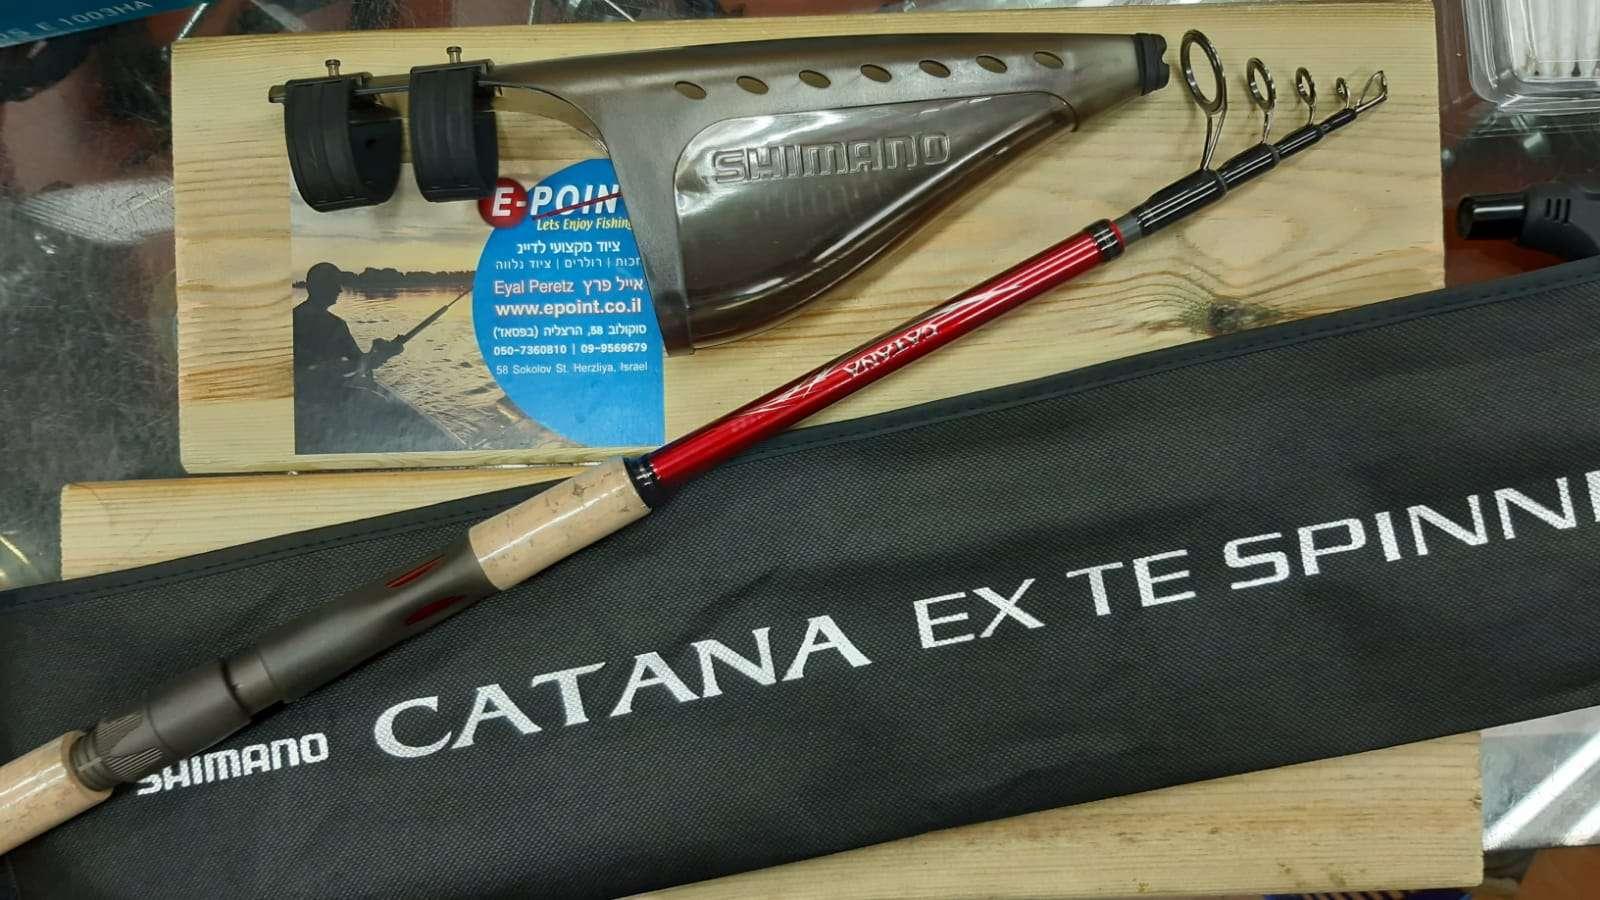 shimano Catana EX TE Spinning 270